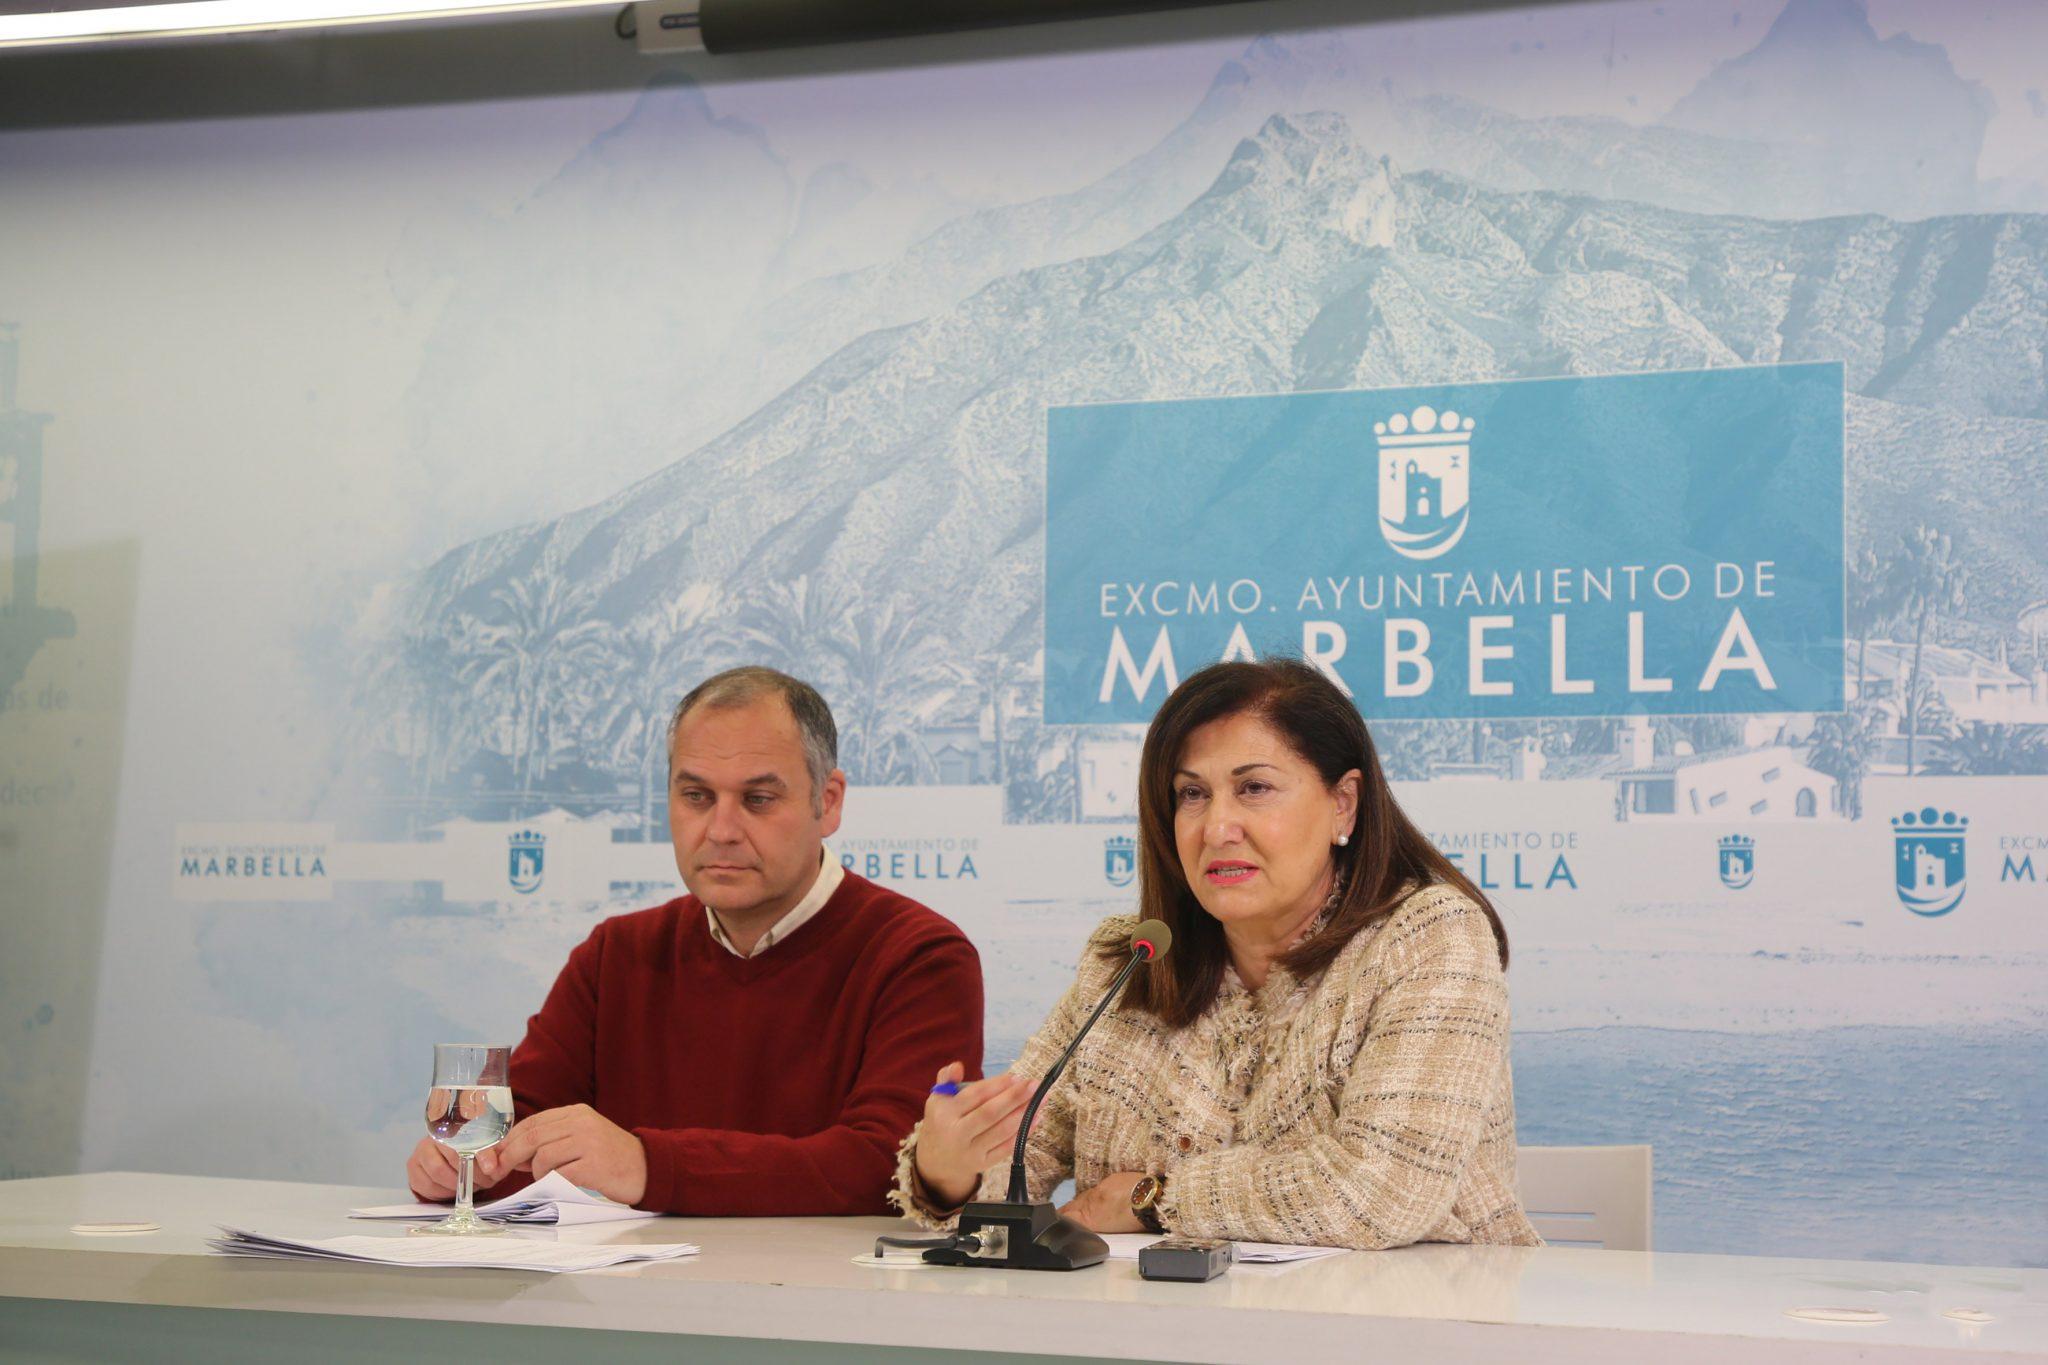 La delegación de Cultura dará a conocer la riqueza del patrimonio histórico de Marbella